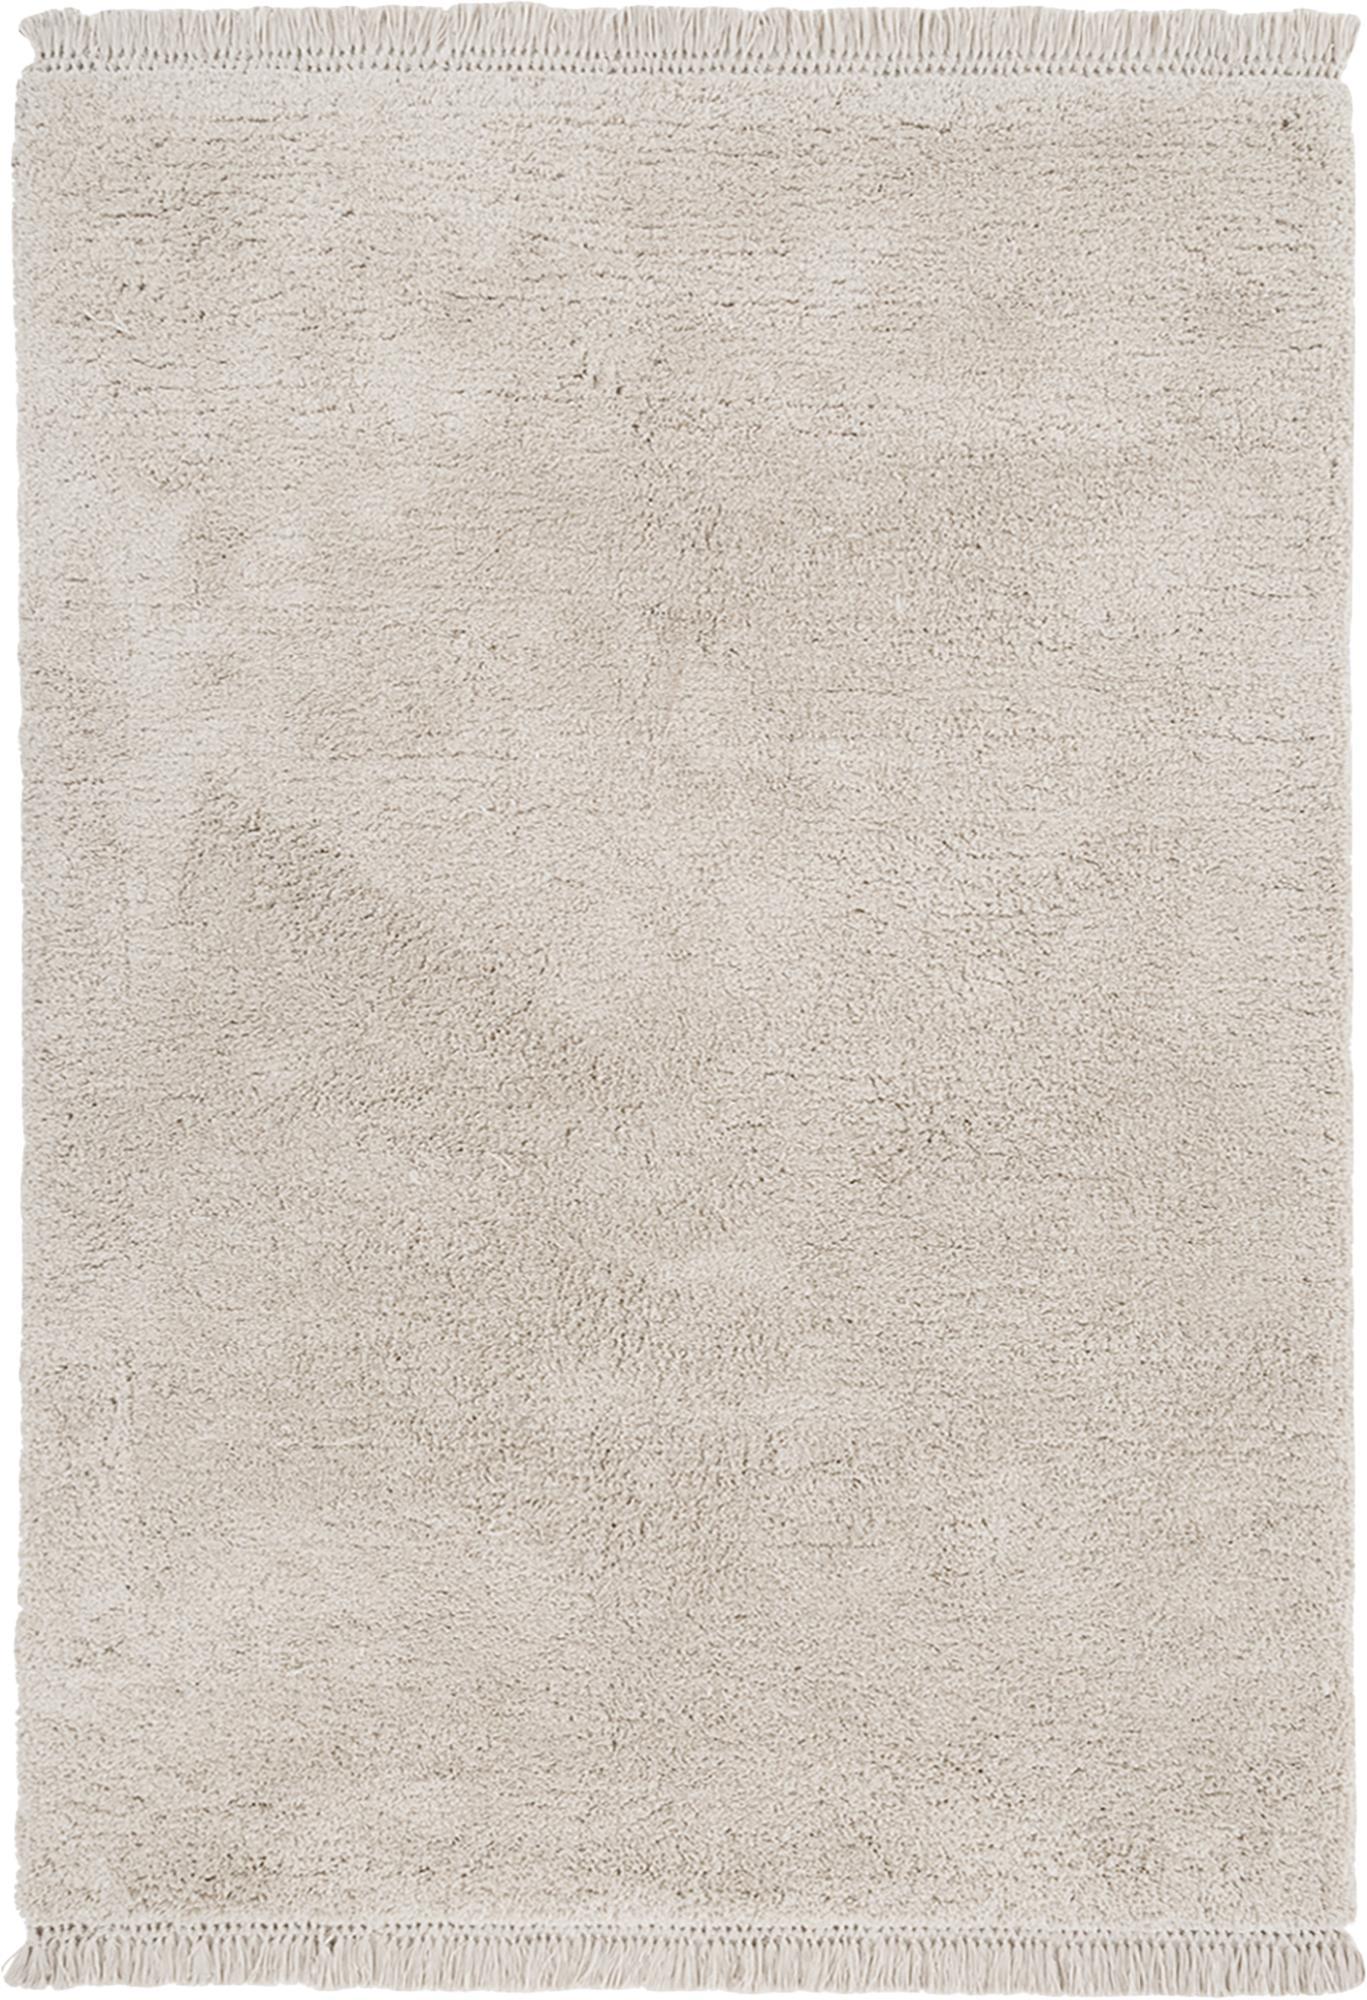 Flauschiger Hochflor-Teppich Dreamy mit Fransen, Flor: 100% Polyester, Creme, B 120 x L 180 cm (Grösse S)